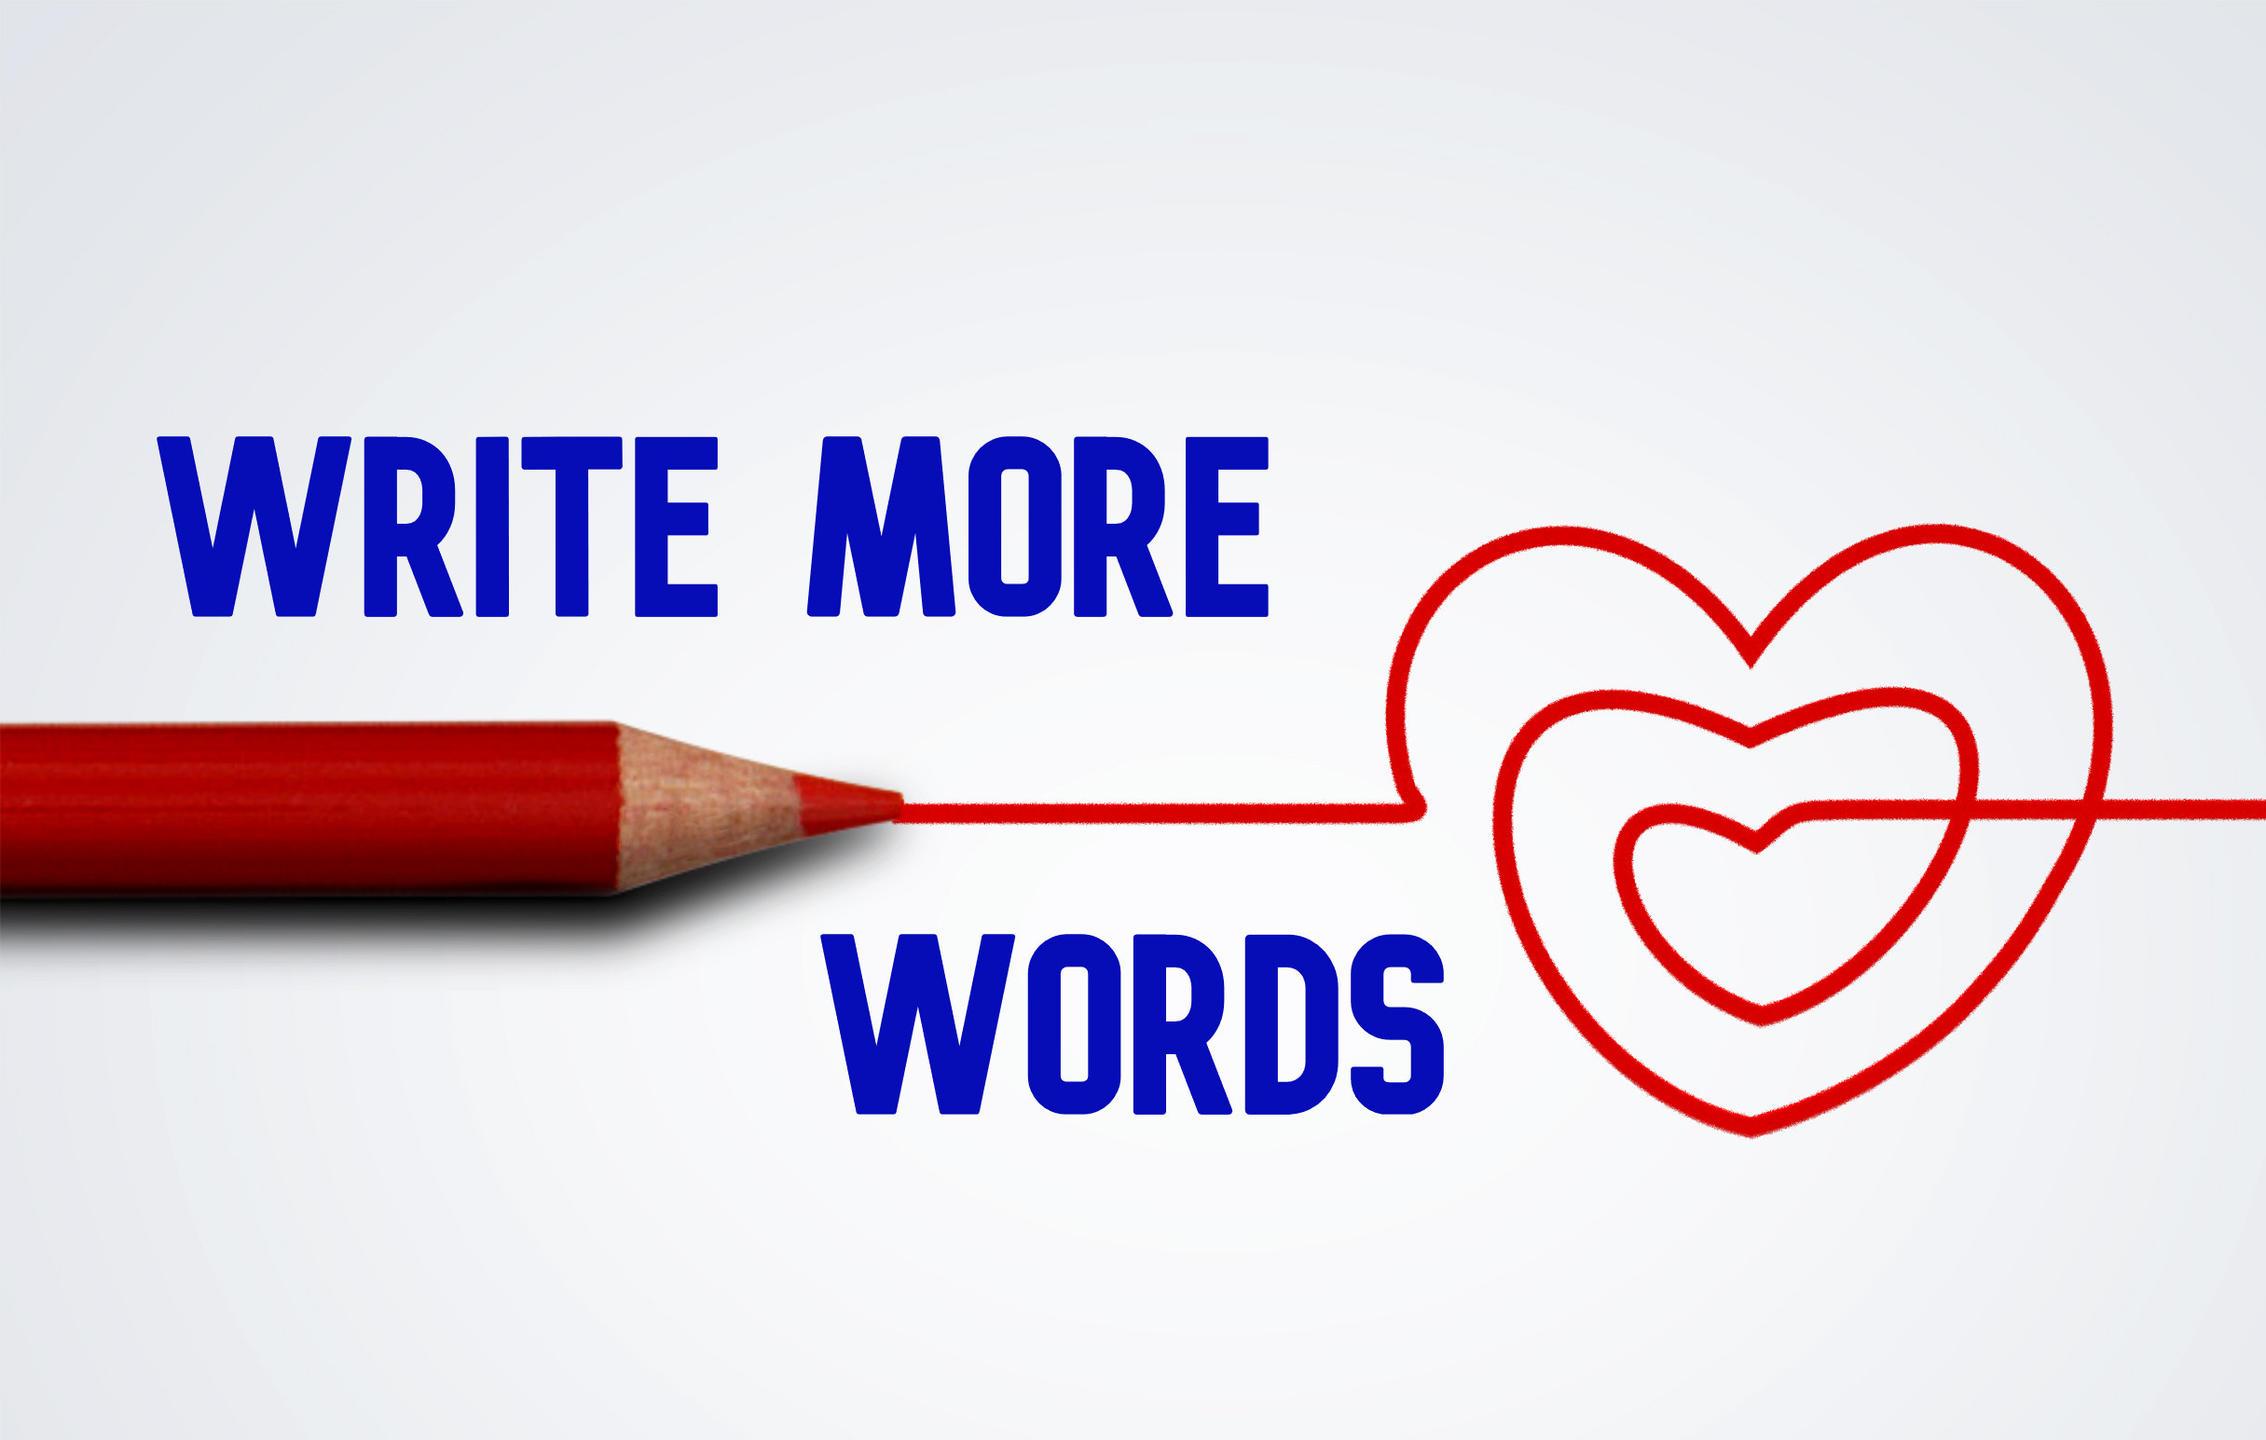 Write More Words logo